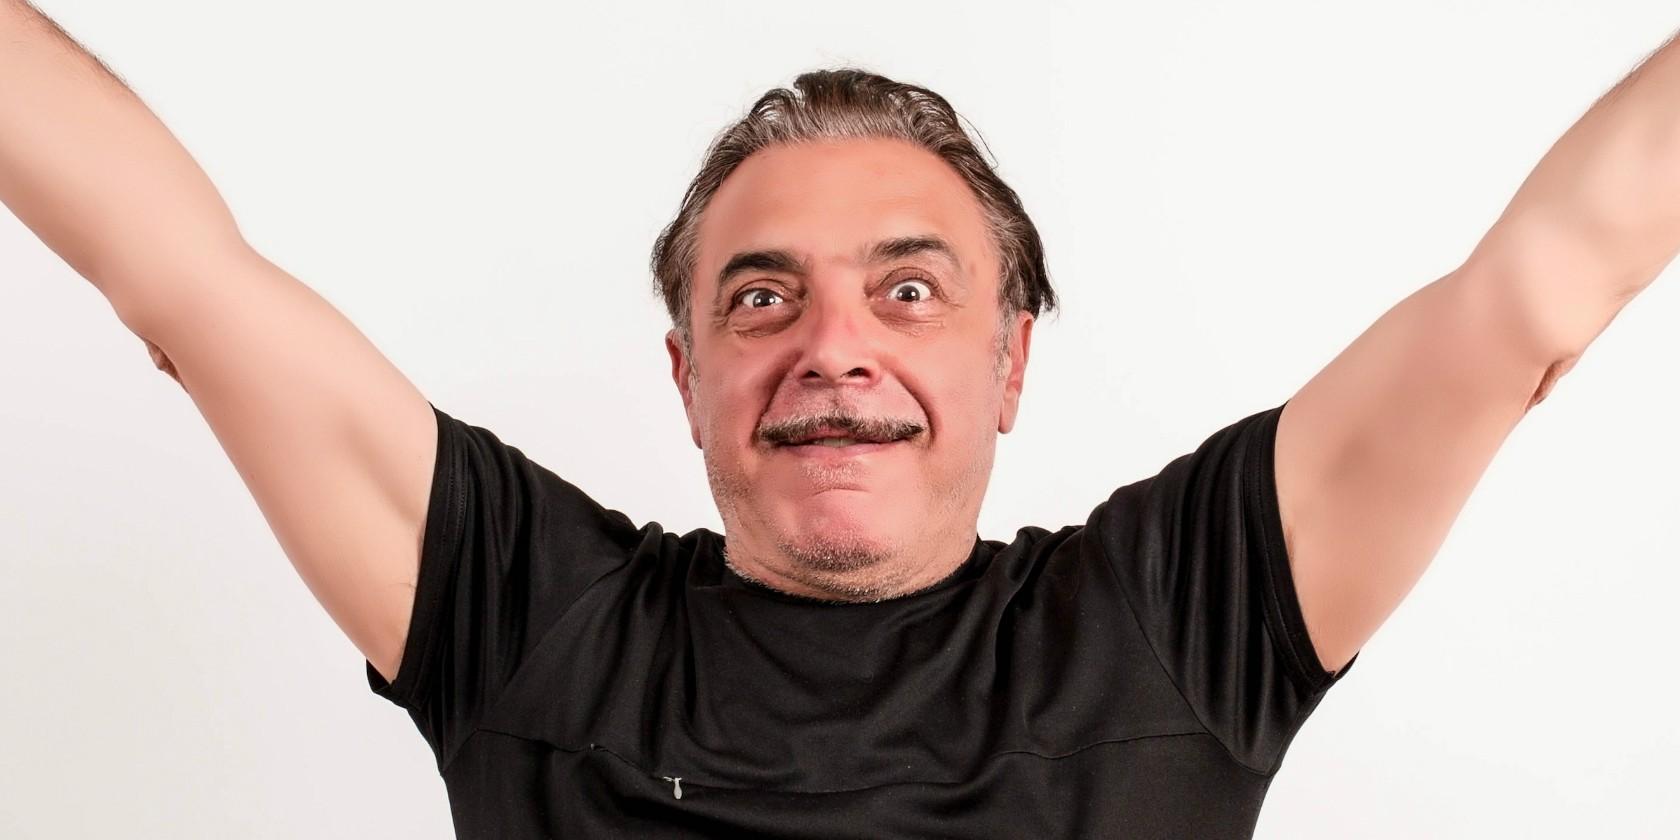 """Grande paura per Nino Frassica. L'attore siciliano, di origini messinesi, é stato colto da un malore improvviso dopo aver bevuto dell'acqua troppo fredda. Il malore lo ha costretto ad annullare lo spettacolo a Monteiasi. Malore improvviso, l'attore finisce in ospedale Nino Frassica, dopo essersi ripreso, ha rassicurato i suoi fan con un post su Facebook: """"Amiche e amiche stobbene benissimo,ieri in puglia con quel caldo ho bevuto una bevanda ghiacciata disgraziata e mi son sentito male. Una flebo (la flebo del sabato sera) all'ospedale di GROTTAGLIE (grazie a tutti) mi ha fatto sentire bene. non ho potuto esibirmi perchè tutto"""